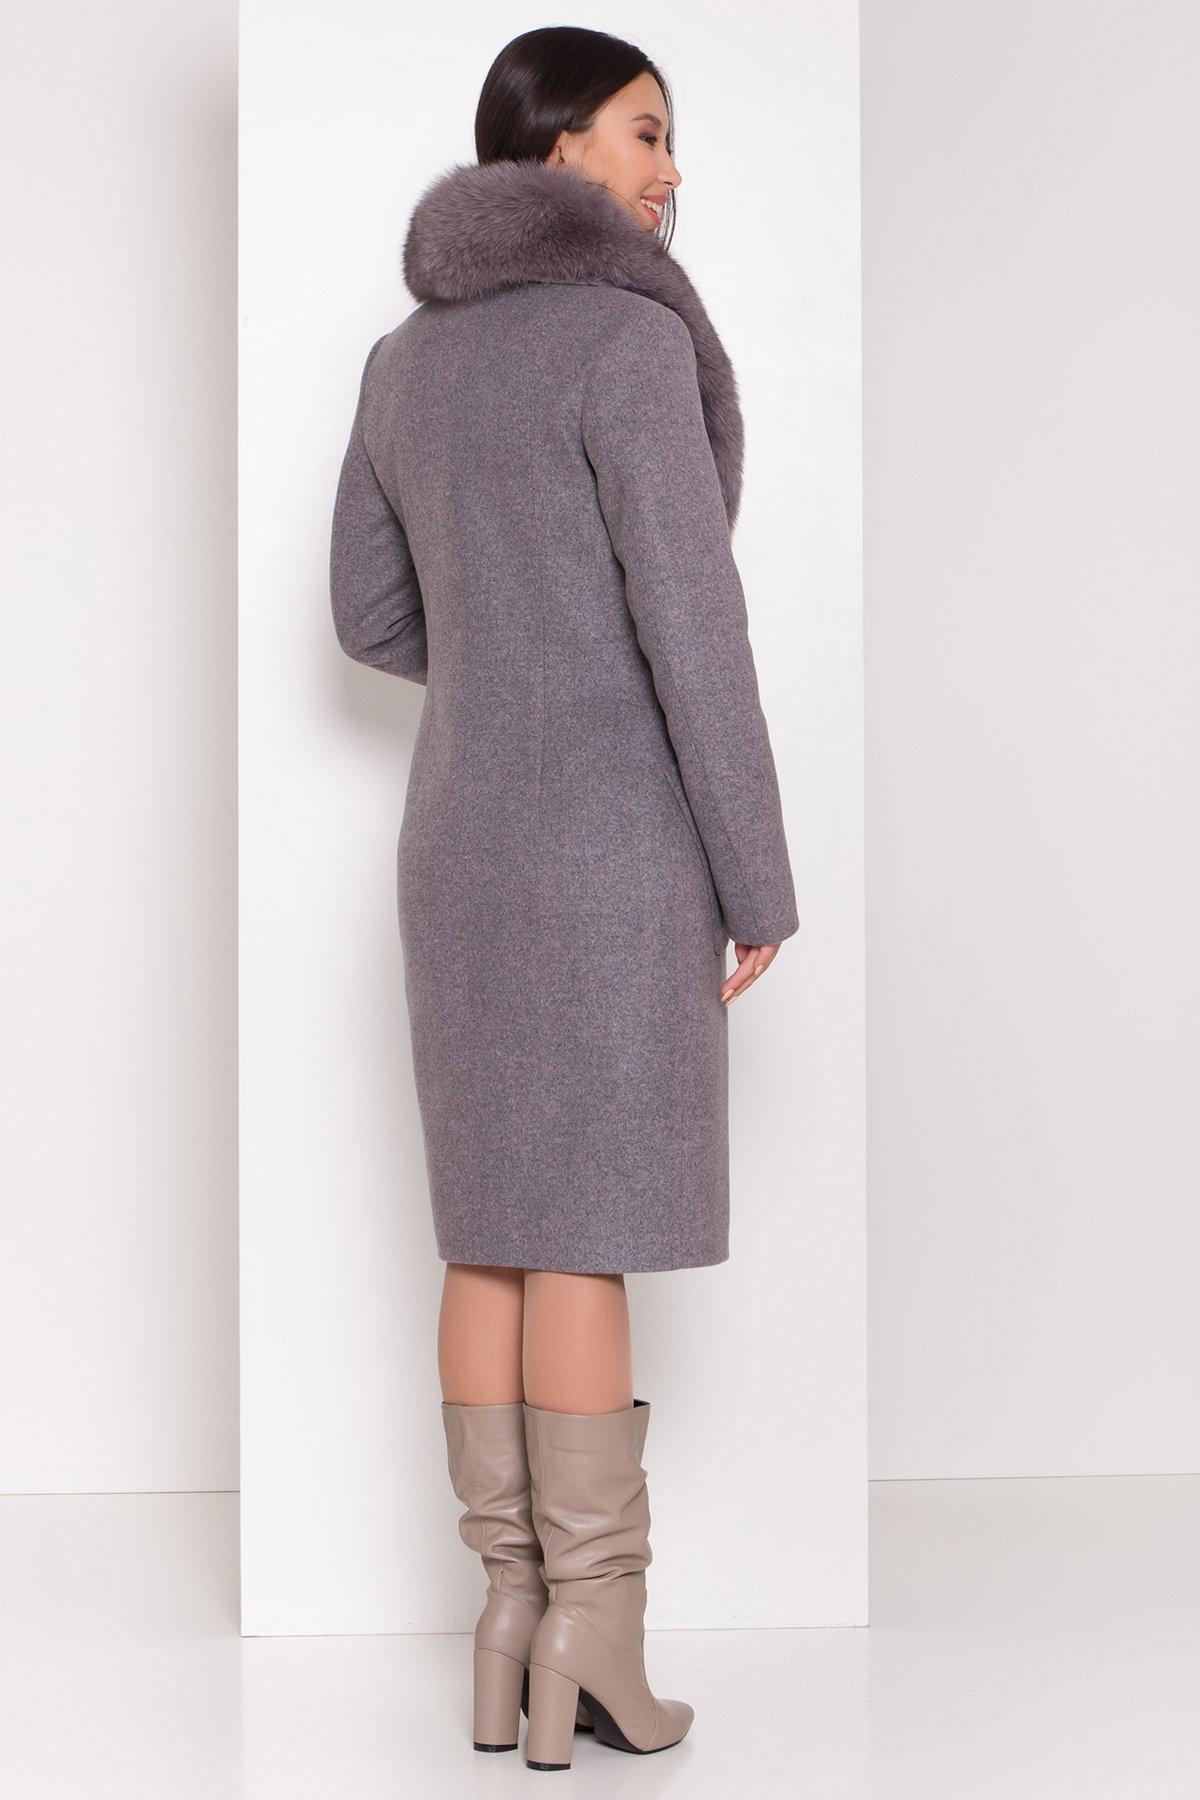 Пальто зима Габриэлла 8389 Цвет: Серо-розовый 19